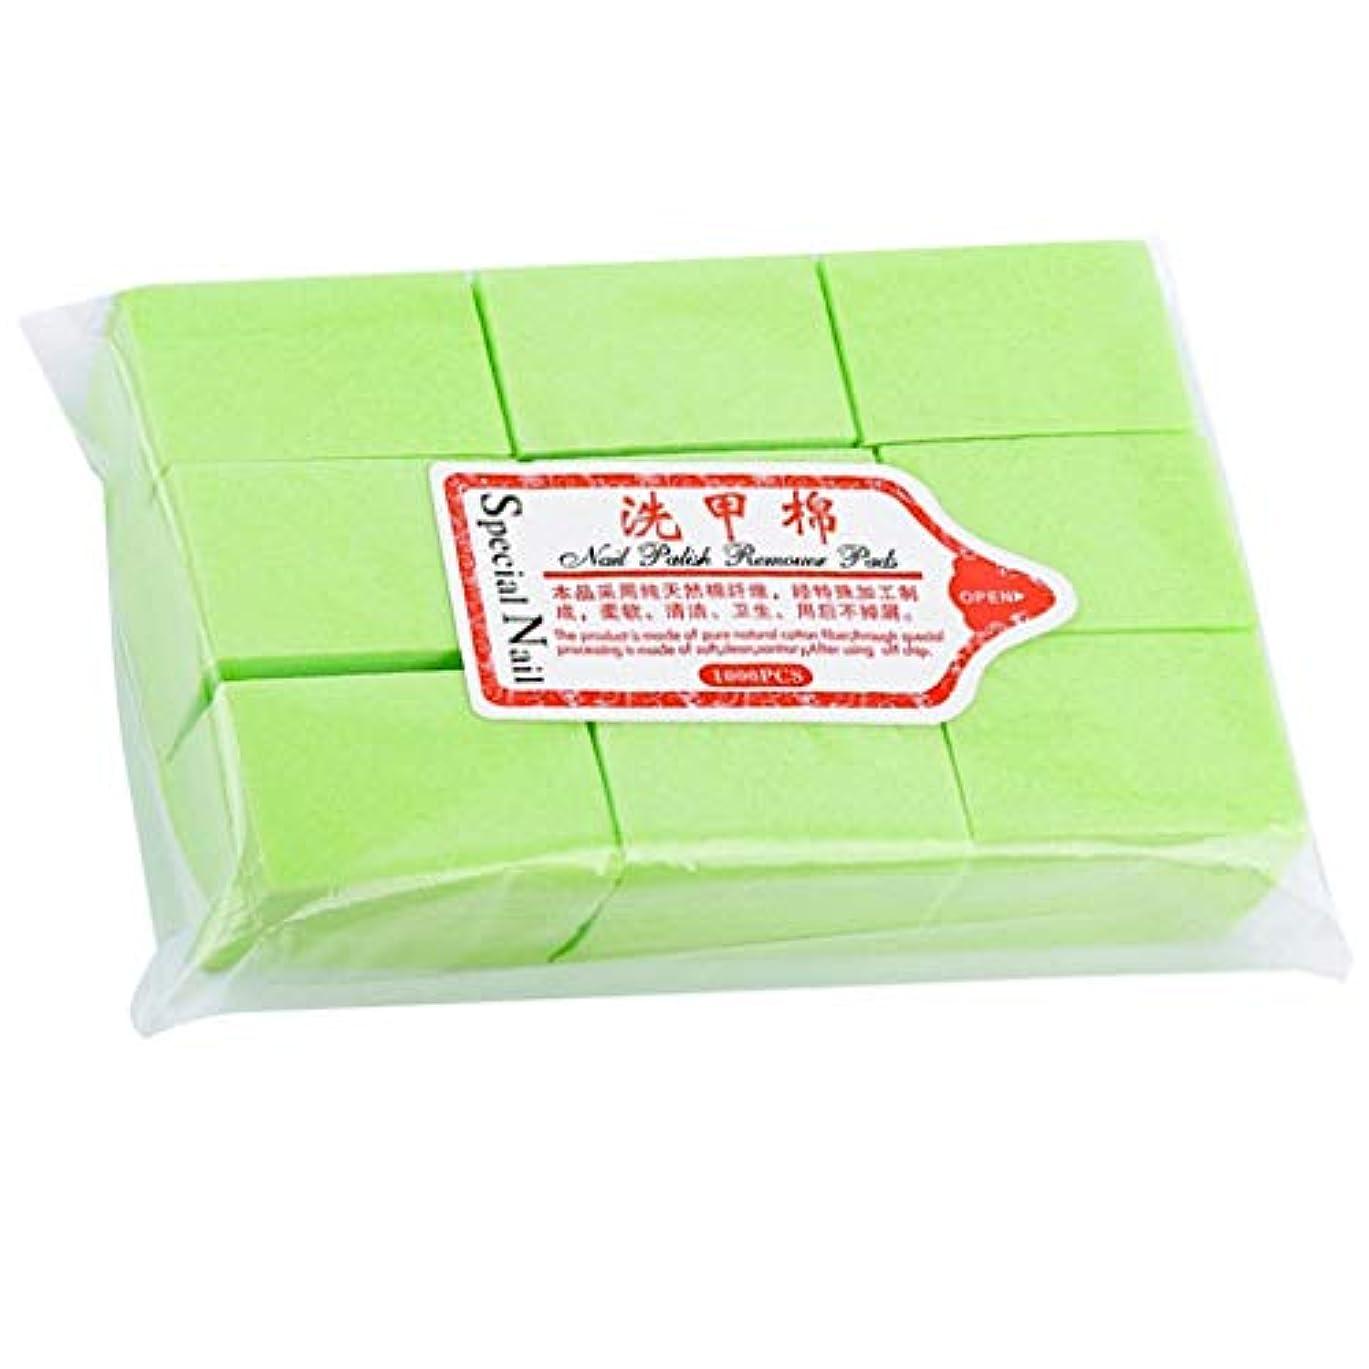 爆発泣くチョップPerfeclan ネイルワイプ コットンパッド 使い捨て ネイルポリッシュリムーバー パッド マニキュア 全4色 - グリーン